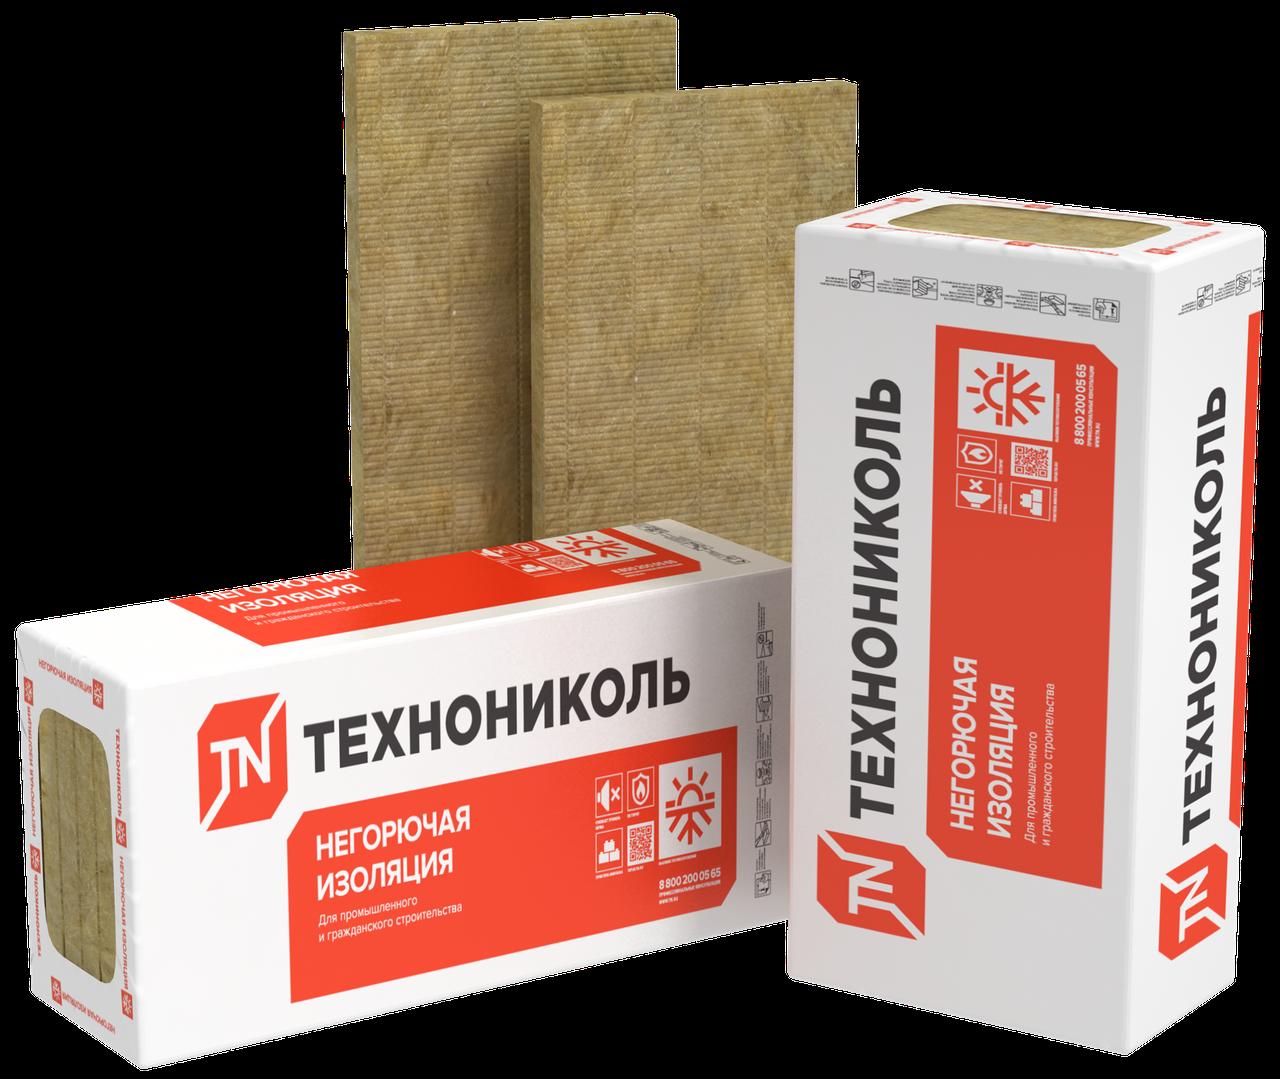 Вата мінеральна Sweetondale Техноруф Н Оптима, 110 кг/куб.м 80 мм